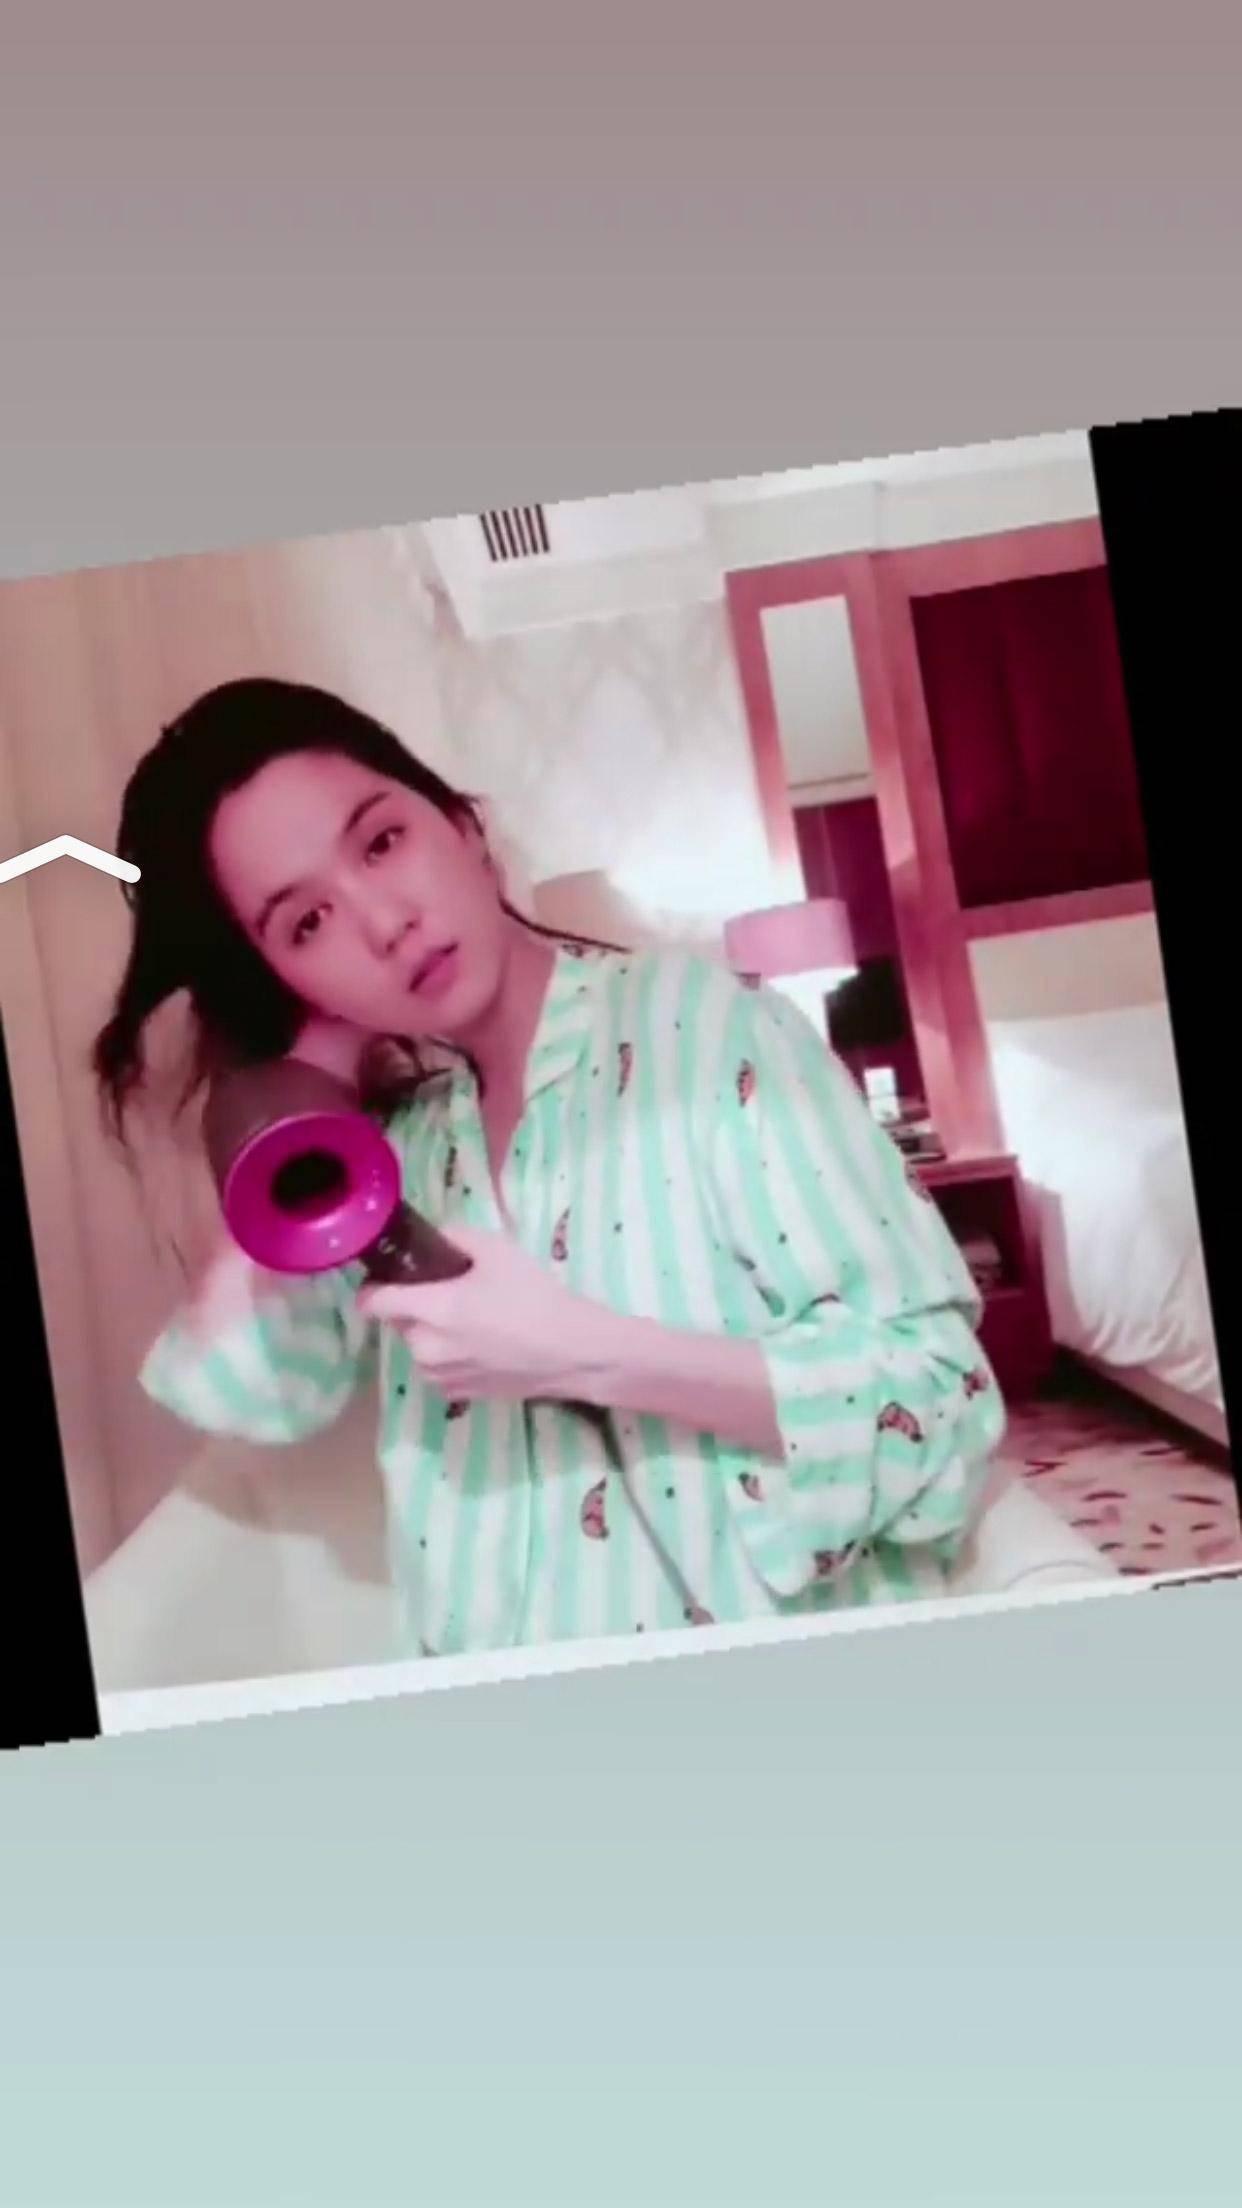 """sau bo vay ho hang, ngoc trinh lai gay song gio voi pyjama """"khong tien thi cap dat ma an"""" - 6"""